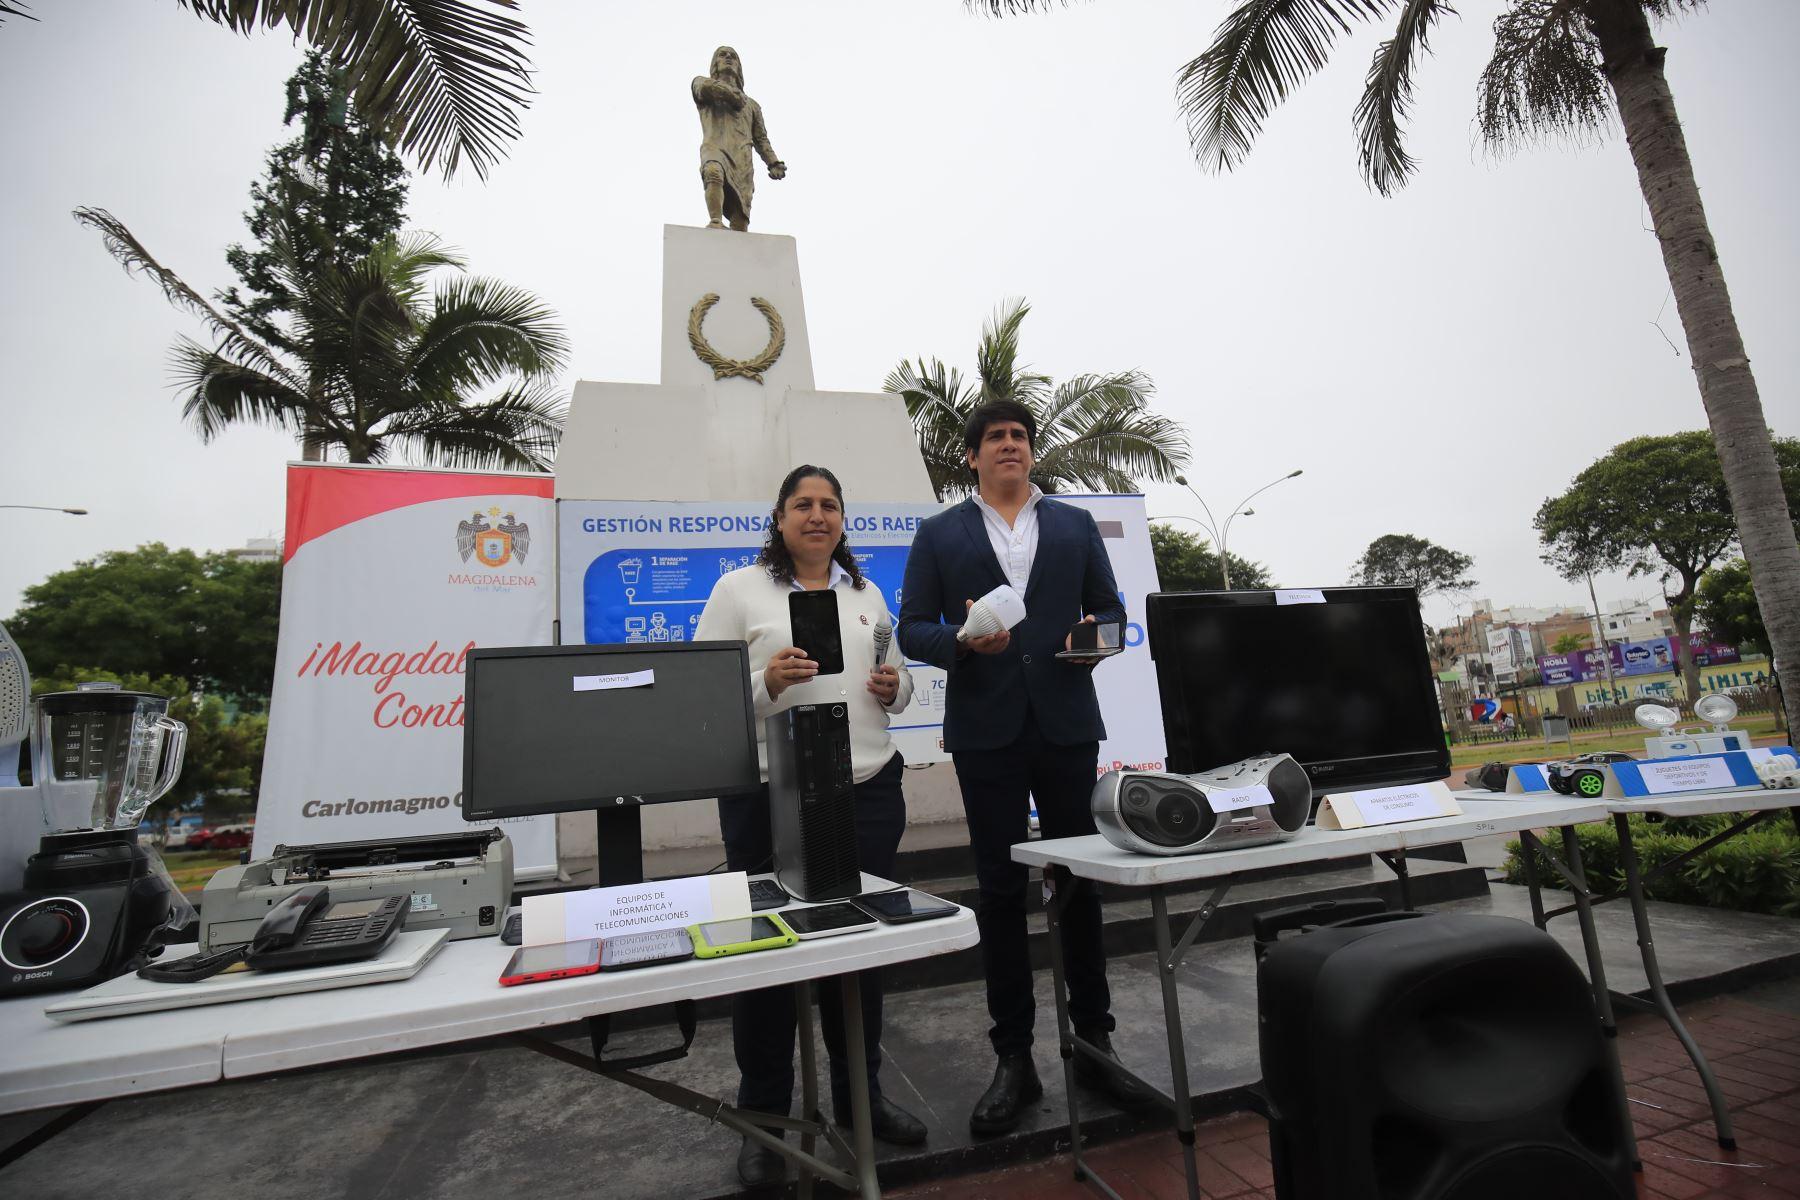 La ministra del Ambiente Fabiola Muñoz y el alcalde de Magdalena Carlomagno Chacón promueven el reciclaje de Residuos de Aparatos Eléctricos y Electrónicos (RAEE) en la plaza Túpac Amaru de Magdalena.  Foto: Juan Carlos Guzmán Negrini